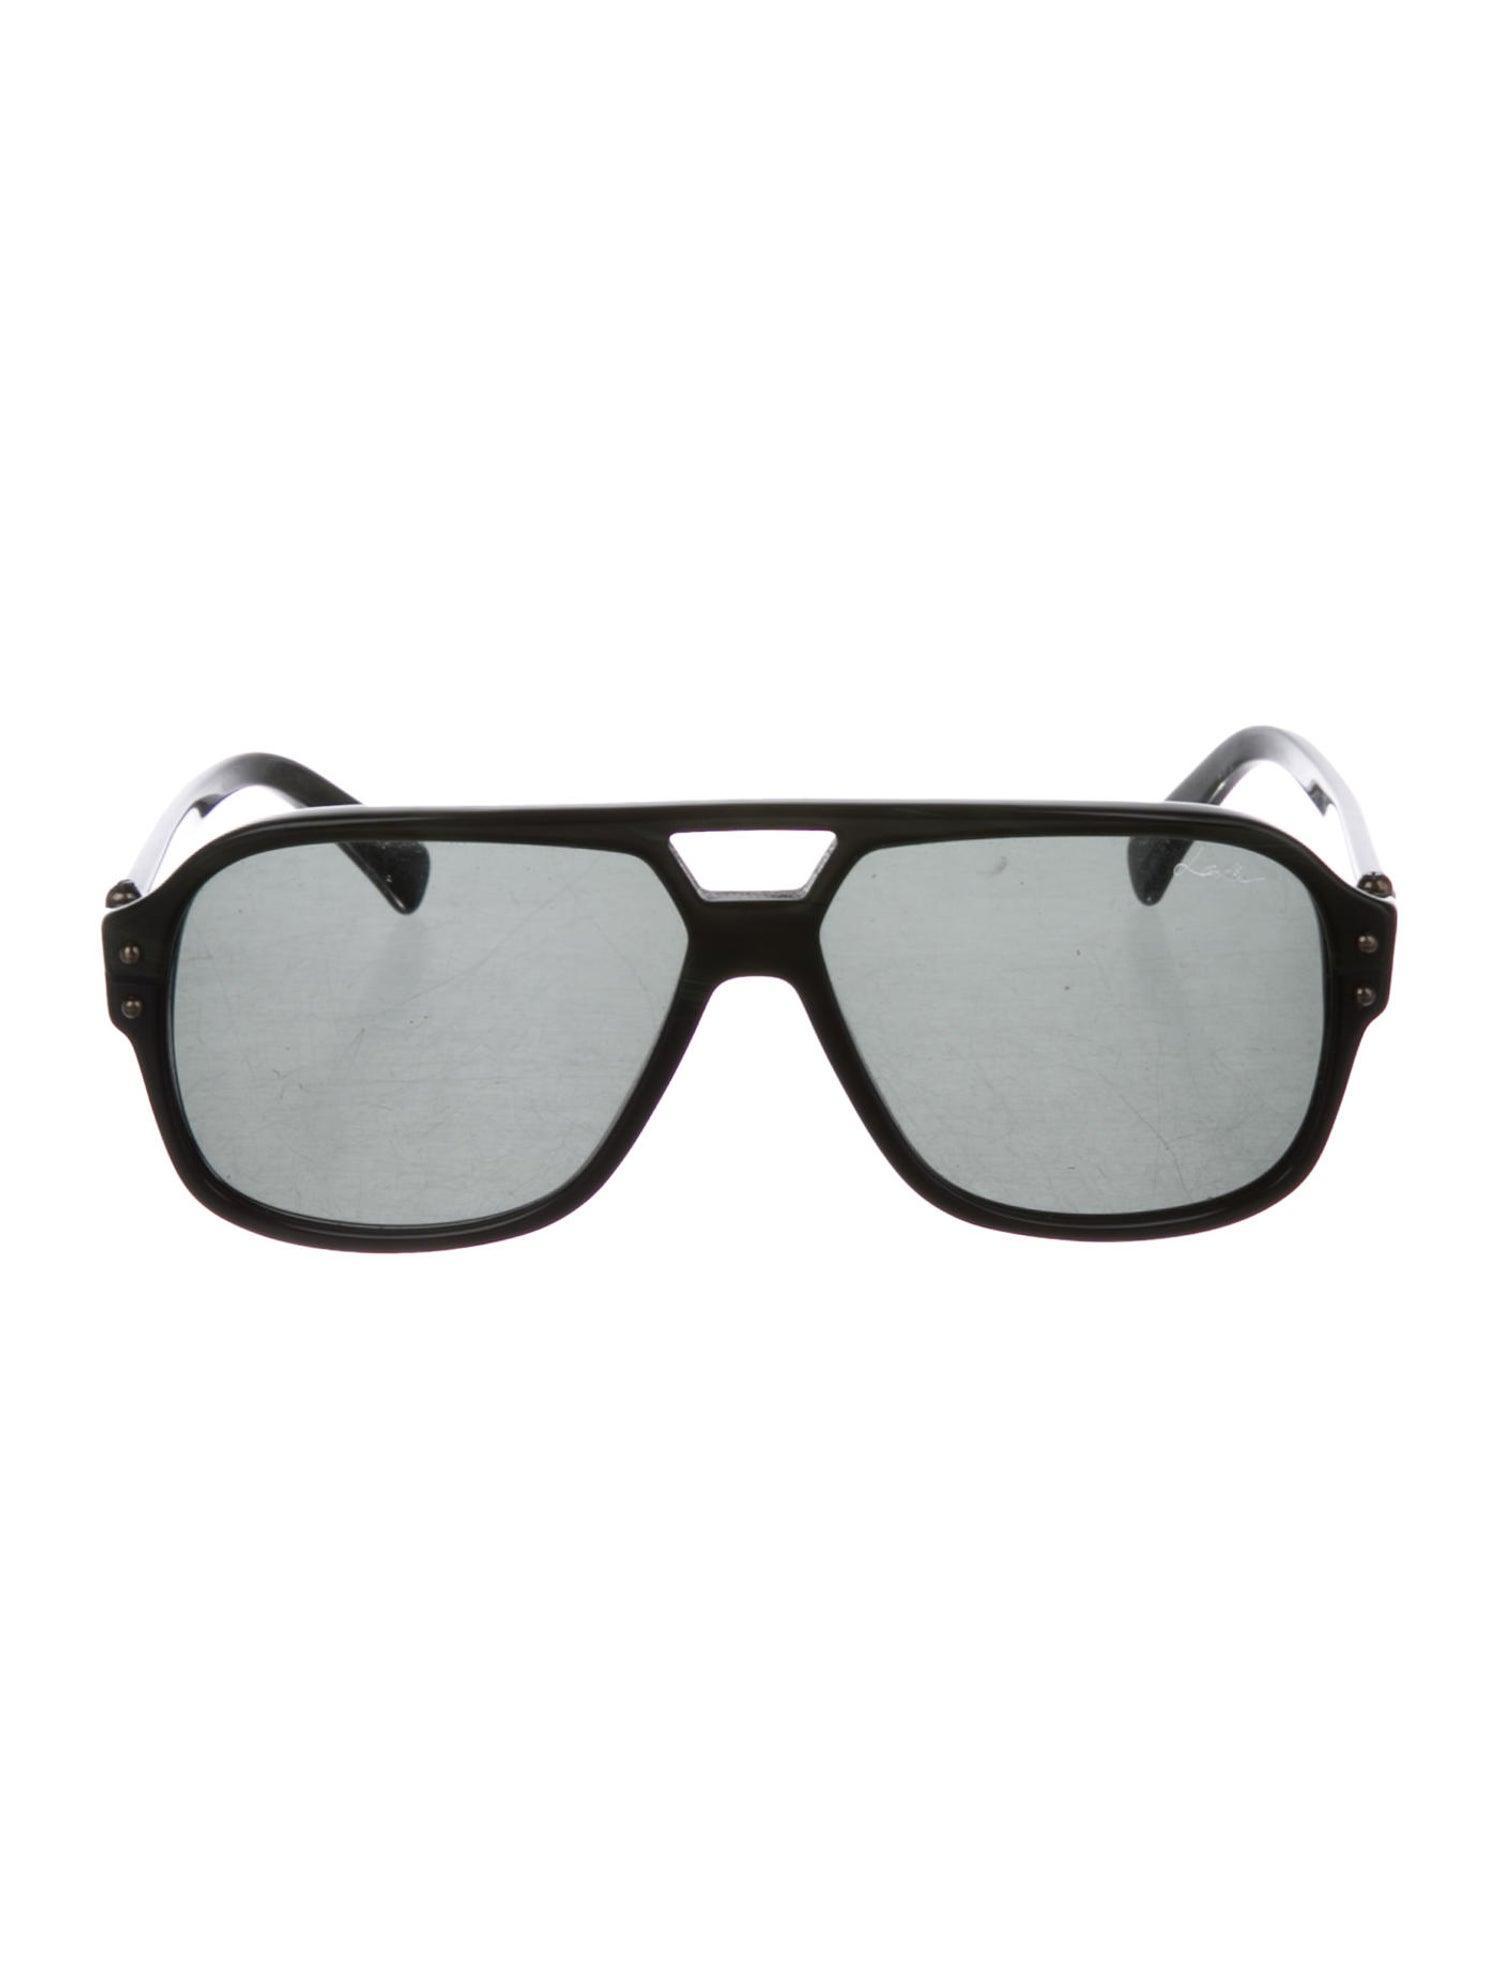 LANVIN PARIS Oversized Unisex Sunglasses SLN507-58-700 Size 58-13-140mm